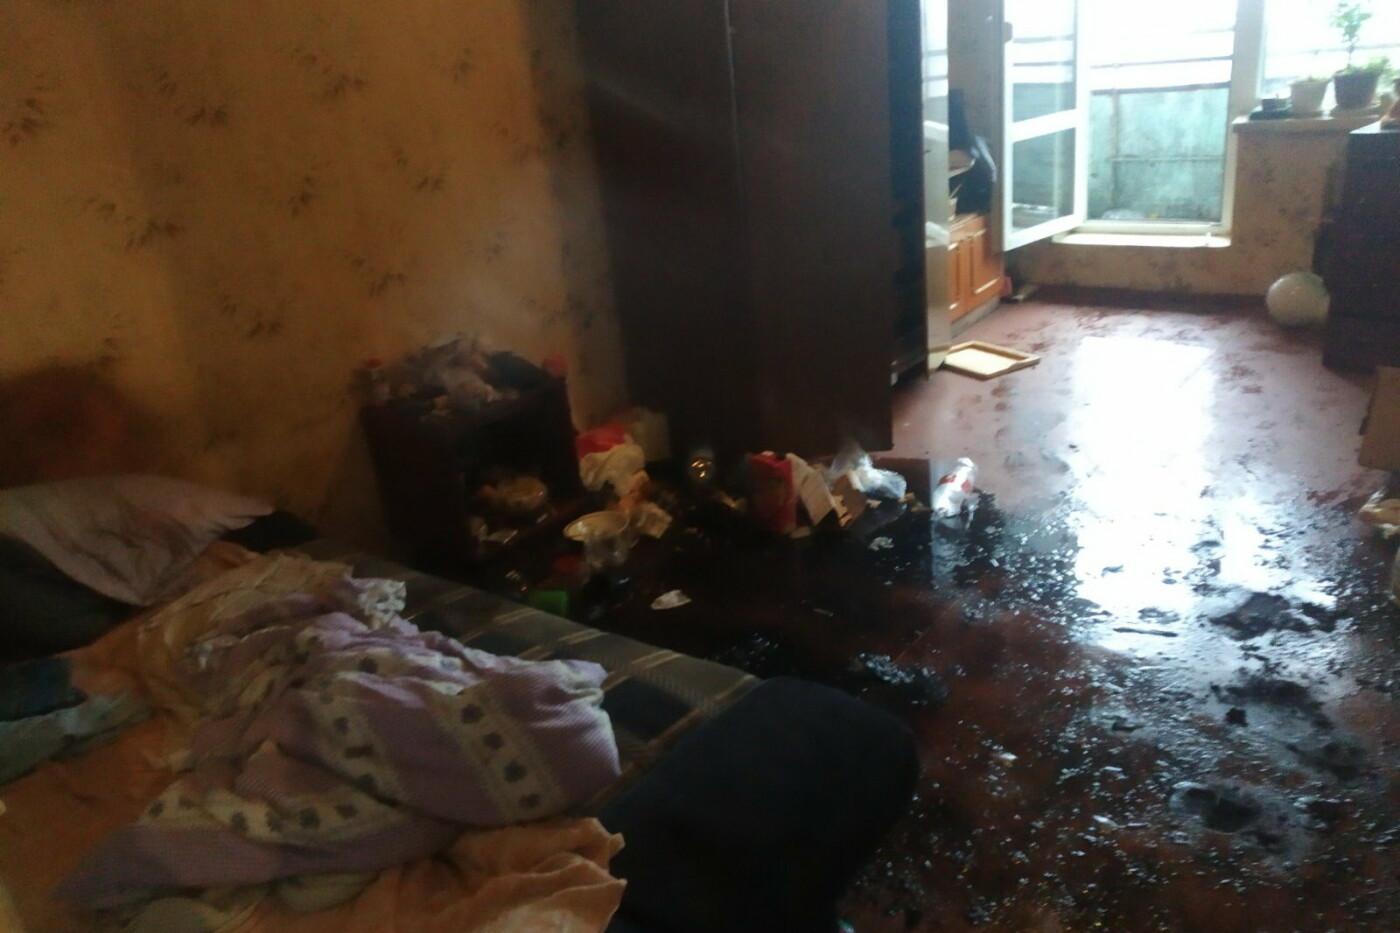 Хаотично пытался потушить огонь: в Харькове пожарные спасли мужчину из горящей квартиры, - ФОТО, фото-2